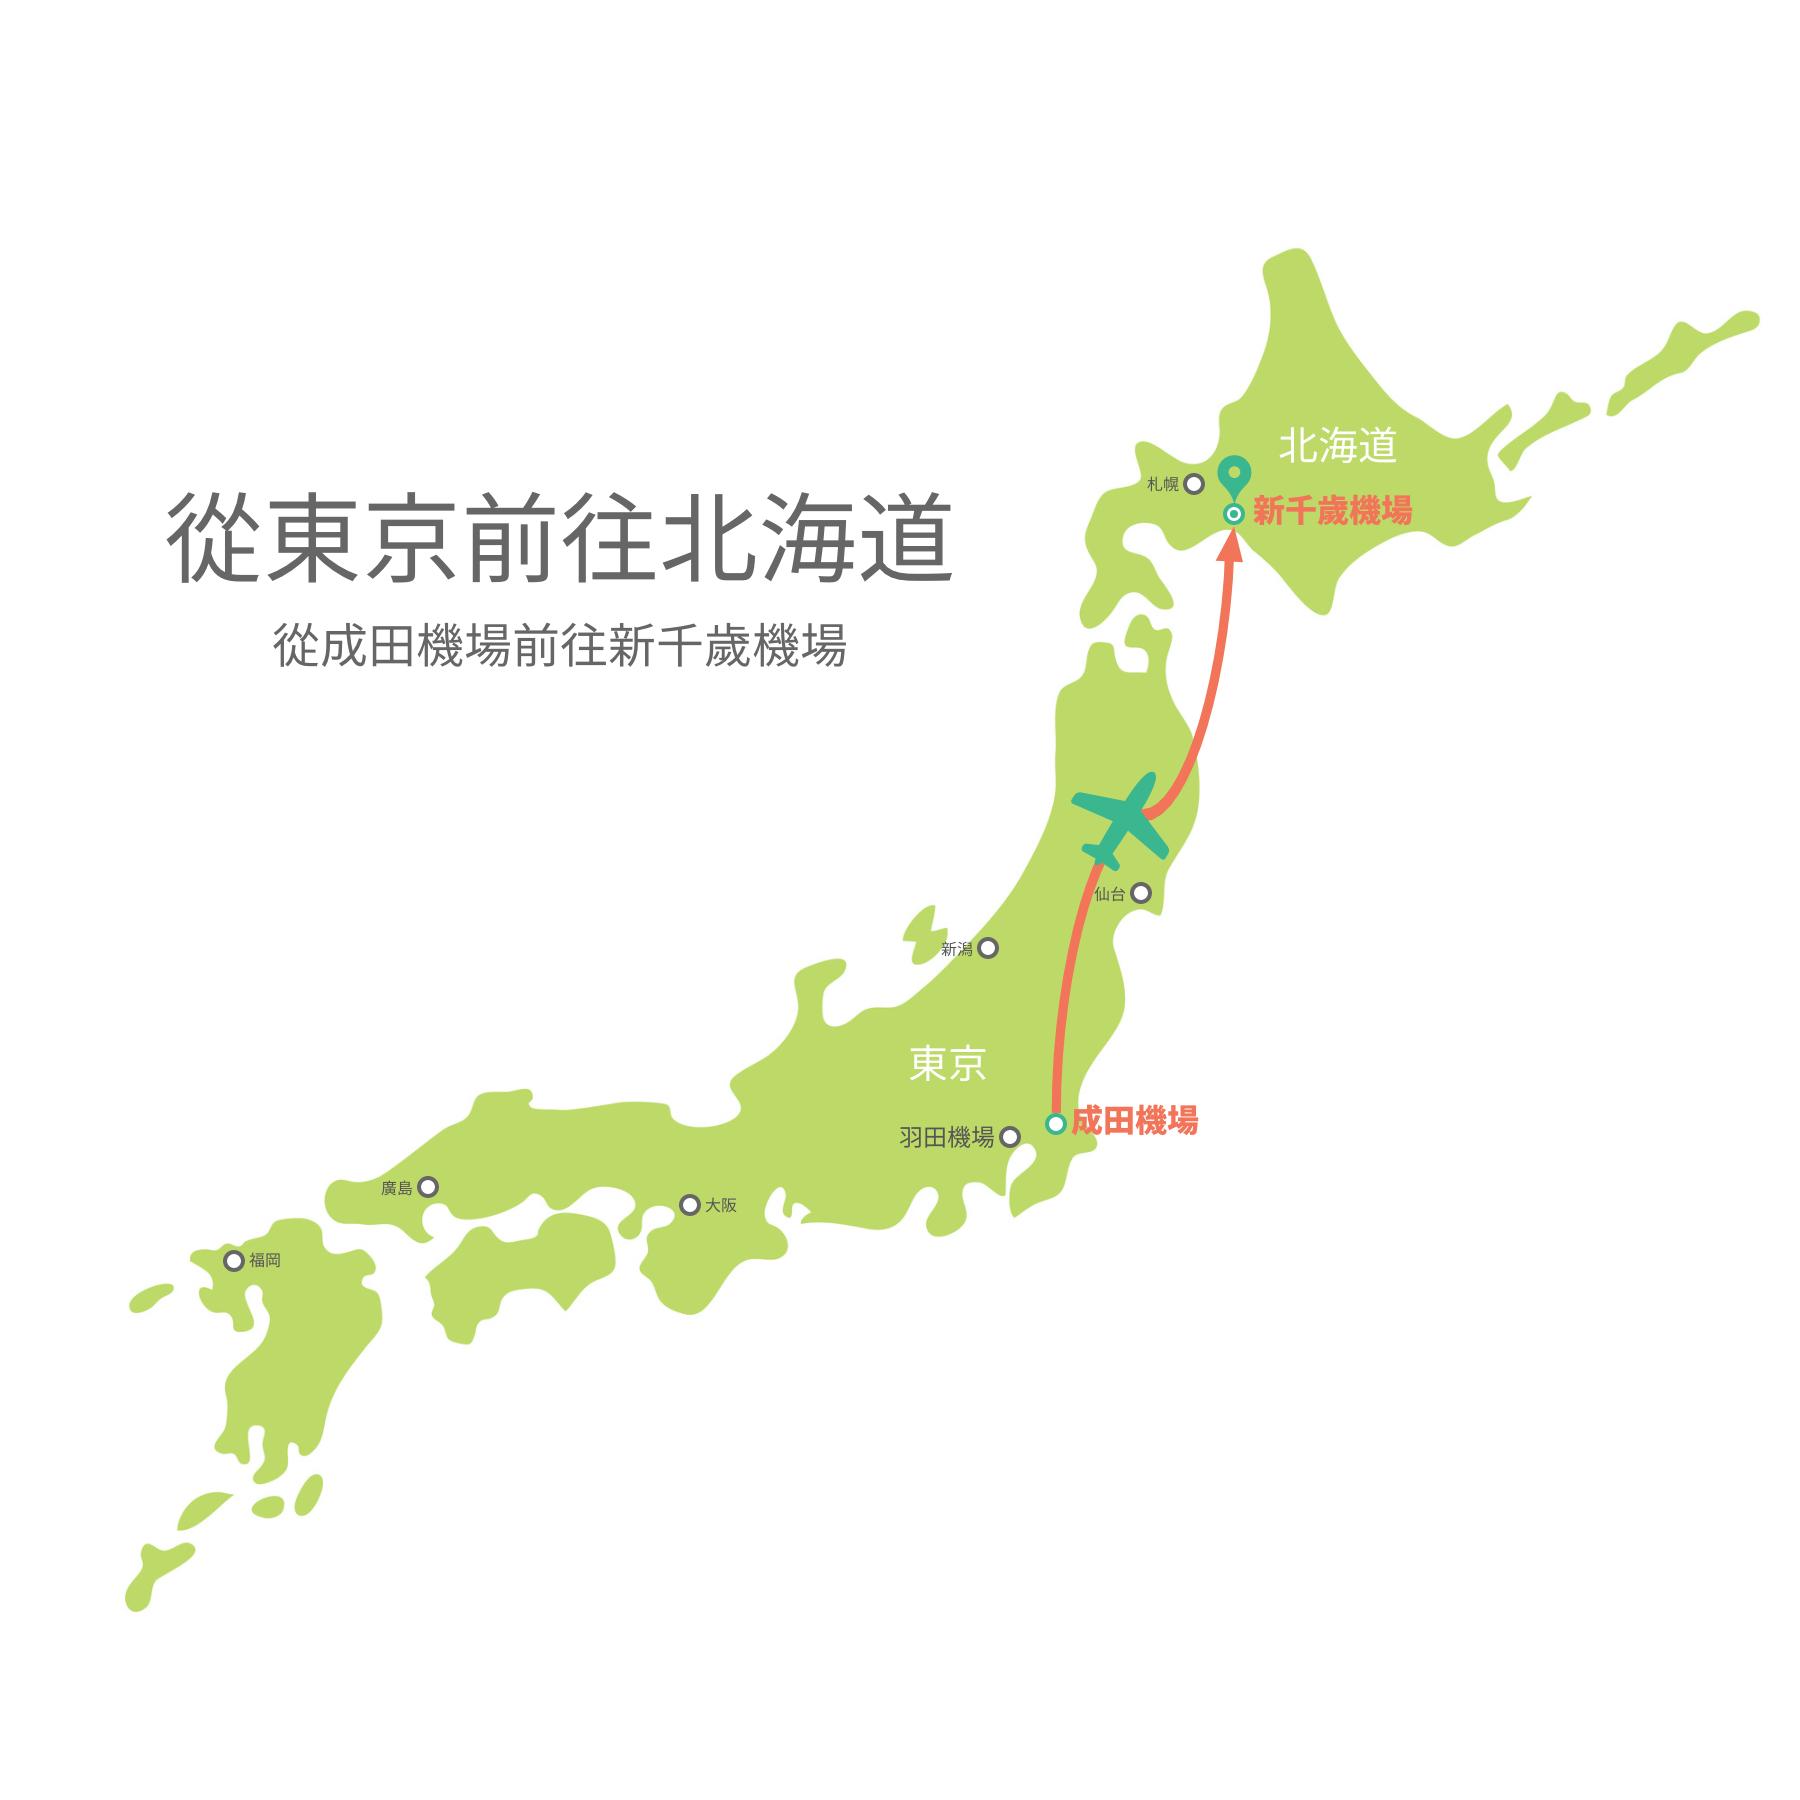 從成田機場到新千歲機場的交通示意圖